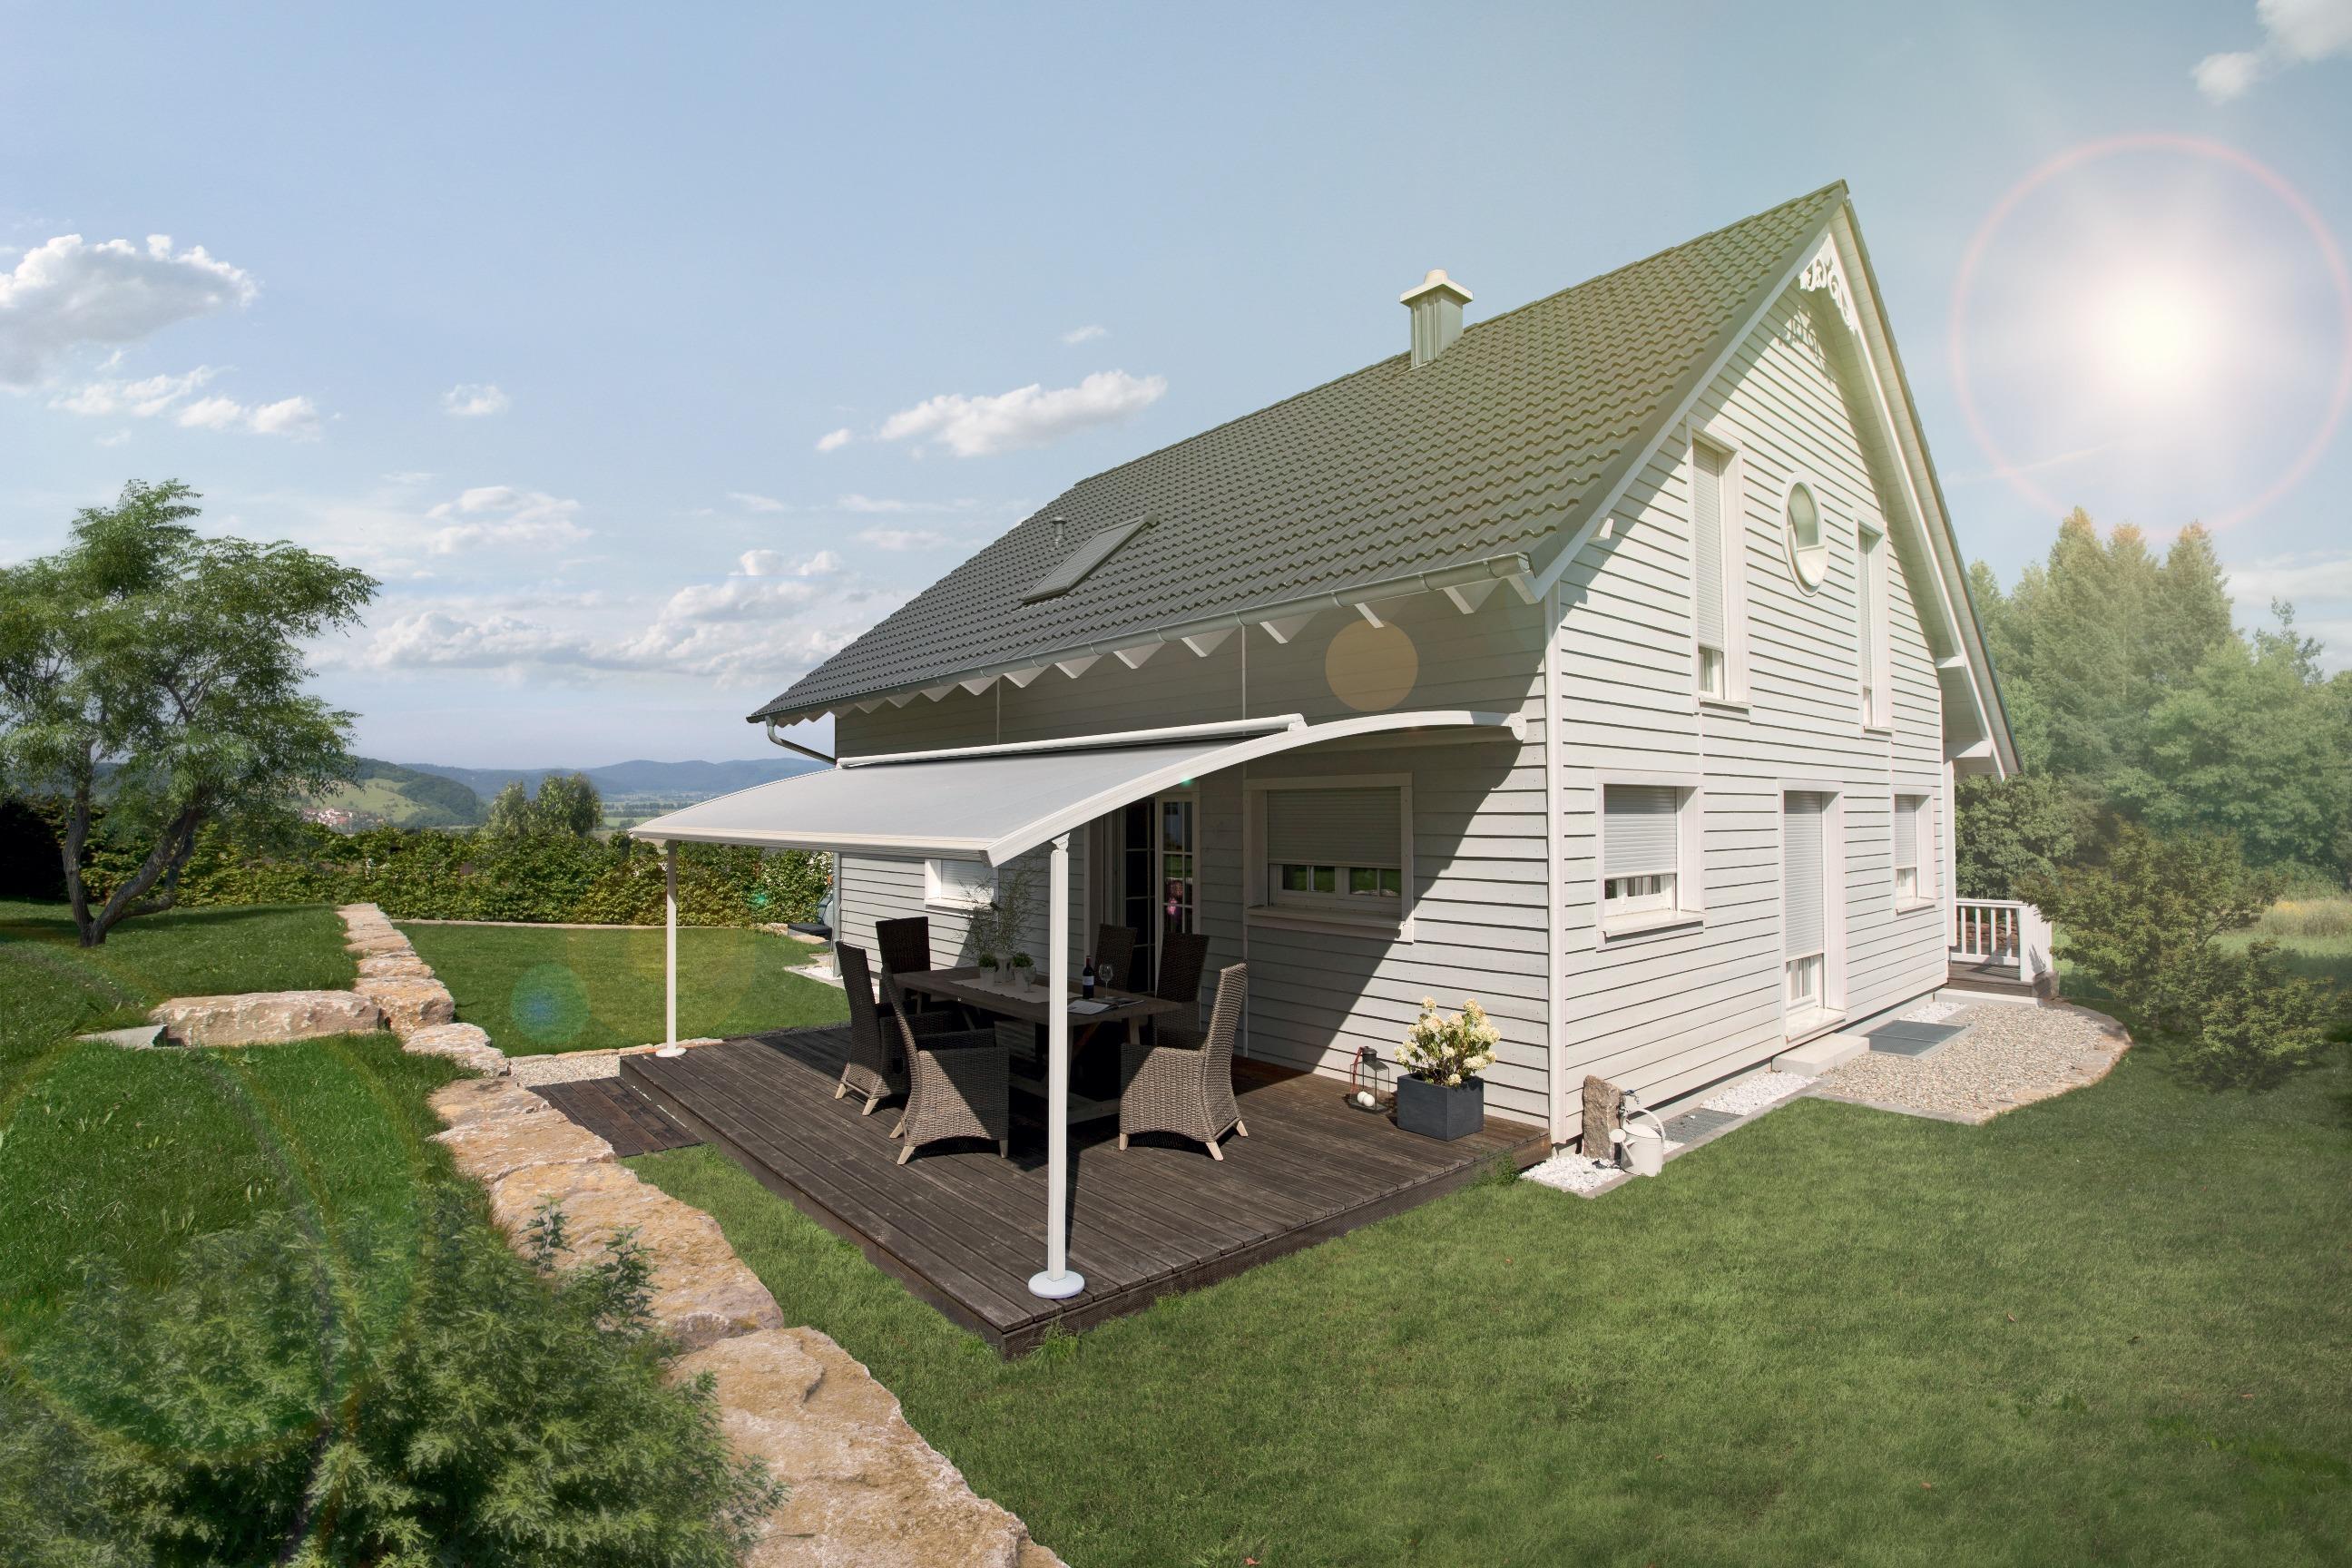 warema pergola markise zur verschattung der terrasse. Black Bedroom Furniture Sets. Home Design Ideas